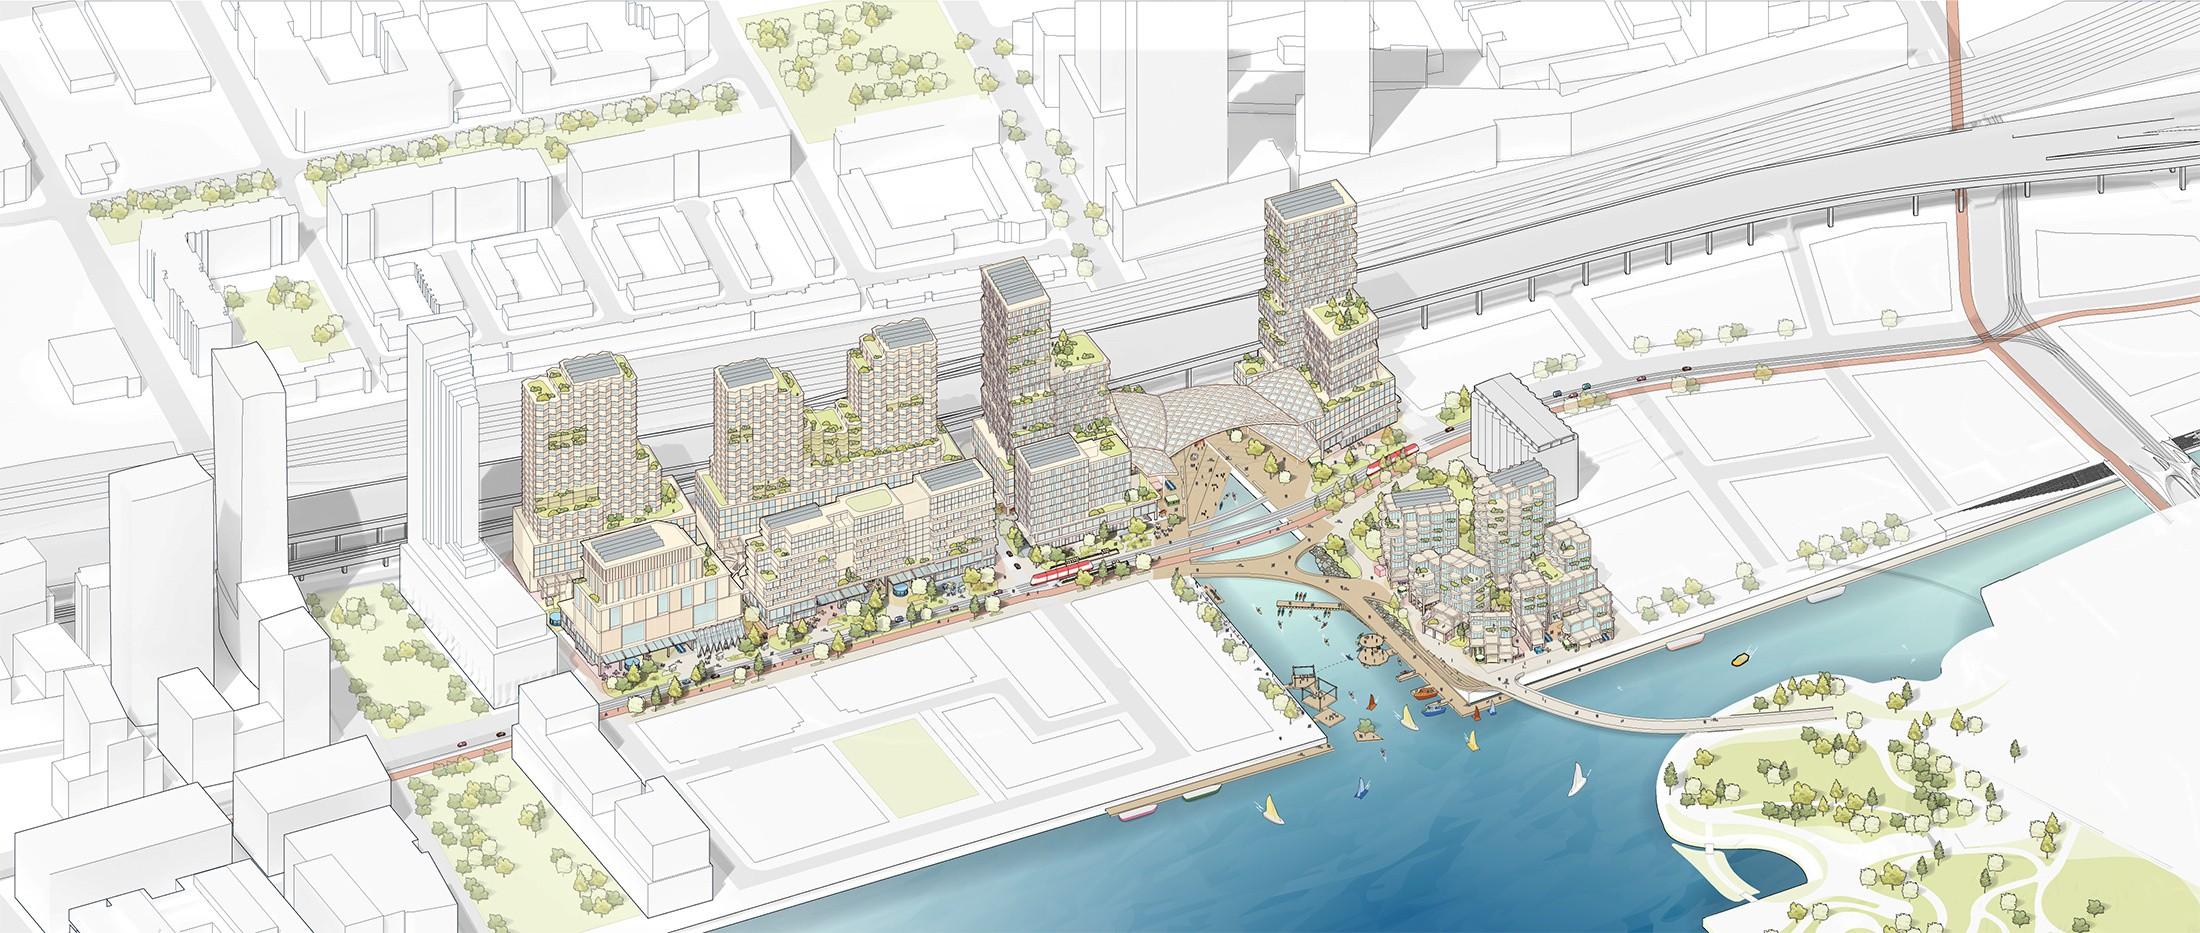 A planta da área a ser reurbanizada em Toronto, no Canadá. A zona portuária entrou em declínio e está abandonada há décadas (Foto: Reprodução/Sidewalk Labs)